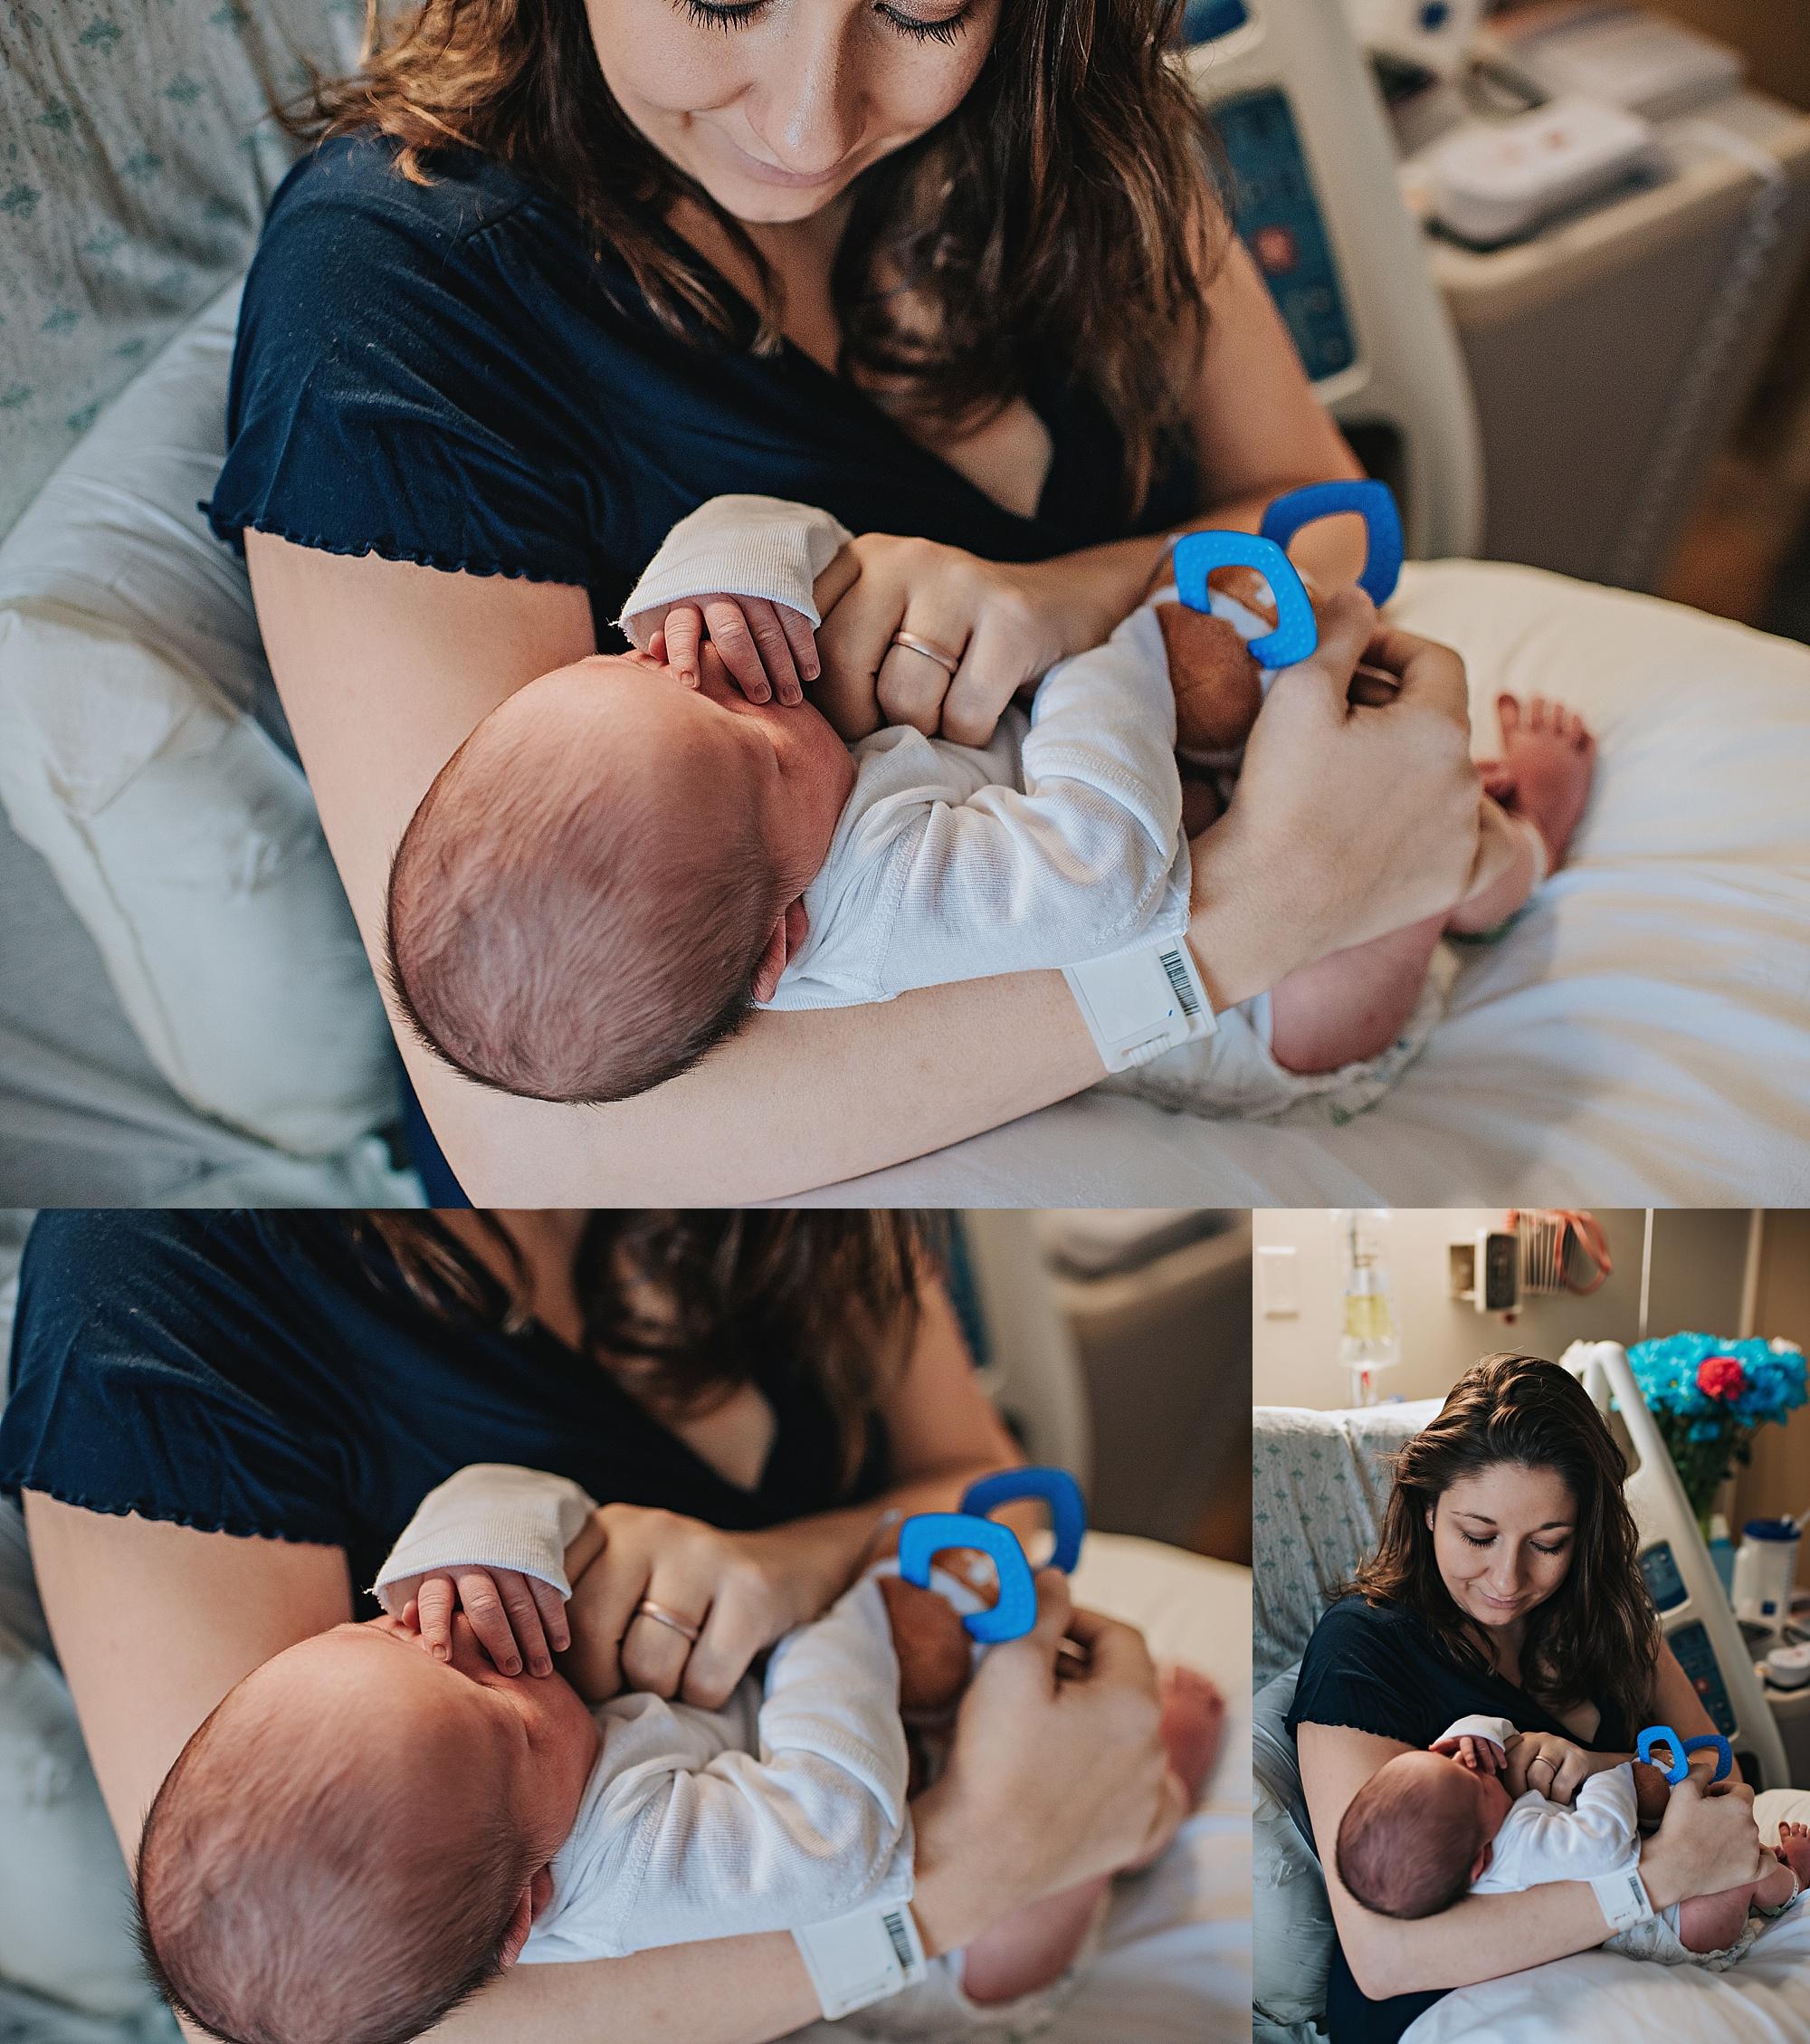 Dudones-family-cleveland-photographer-lauren-grayson-fresh-48-session_0009.jpg